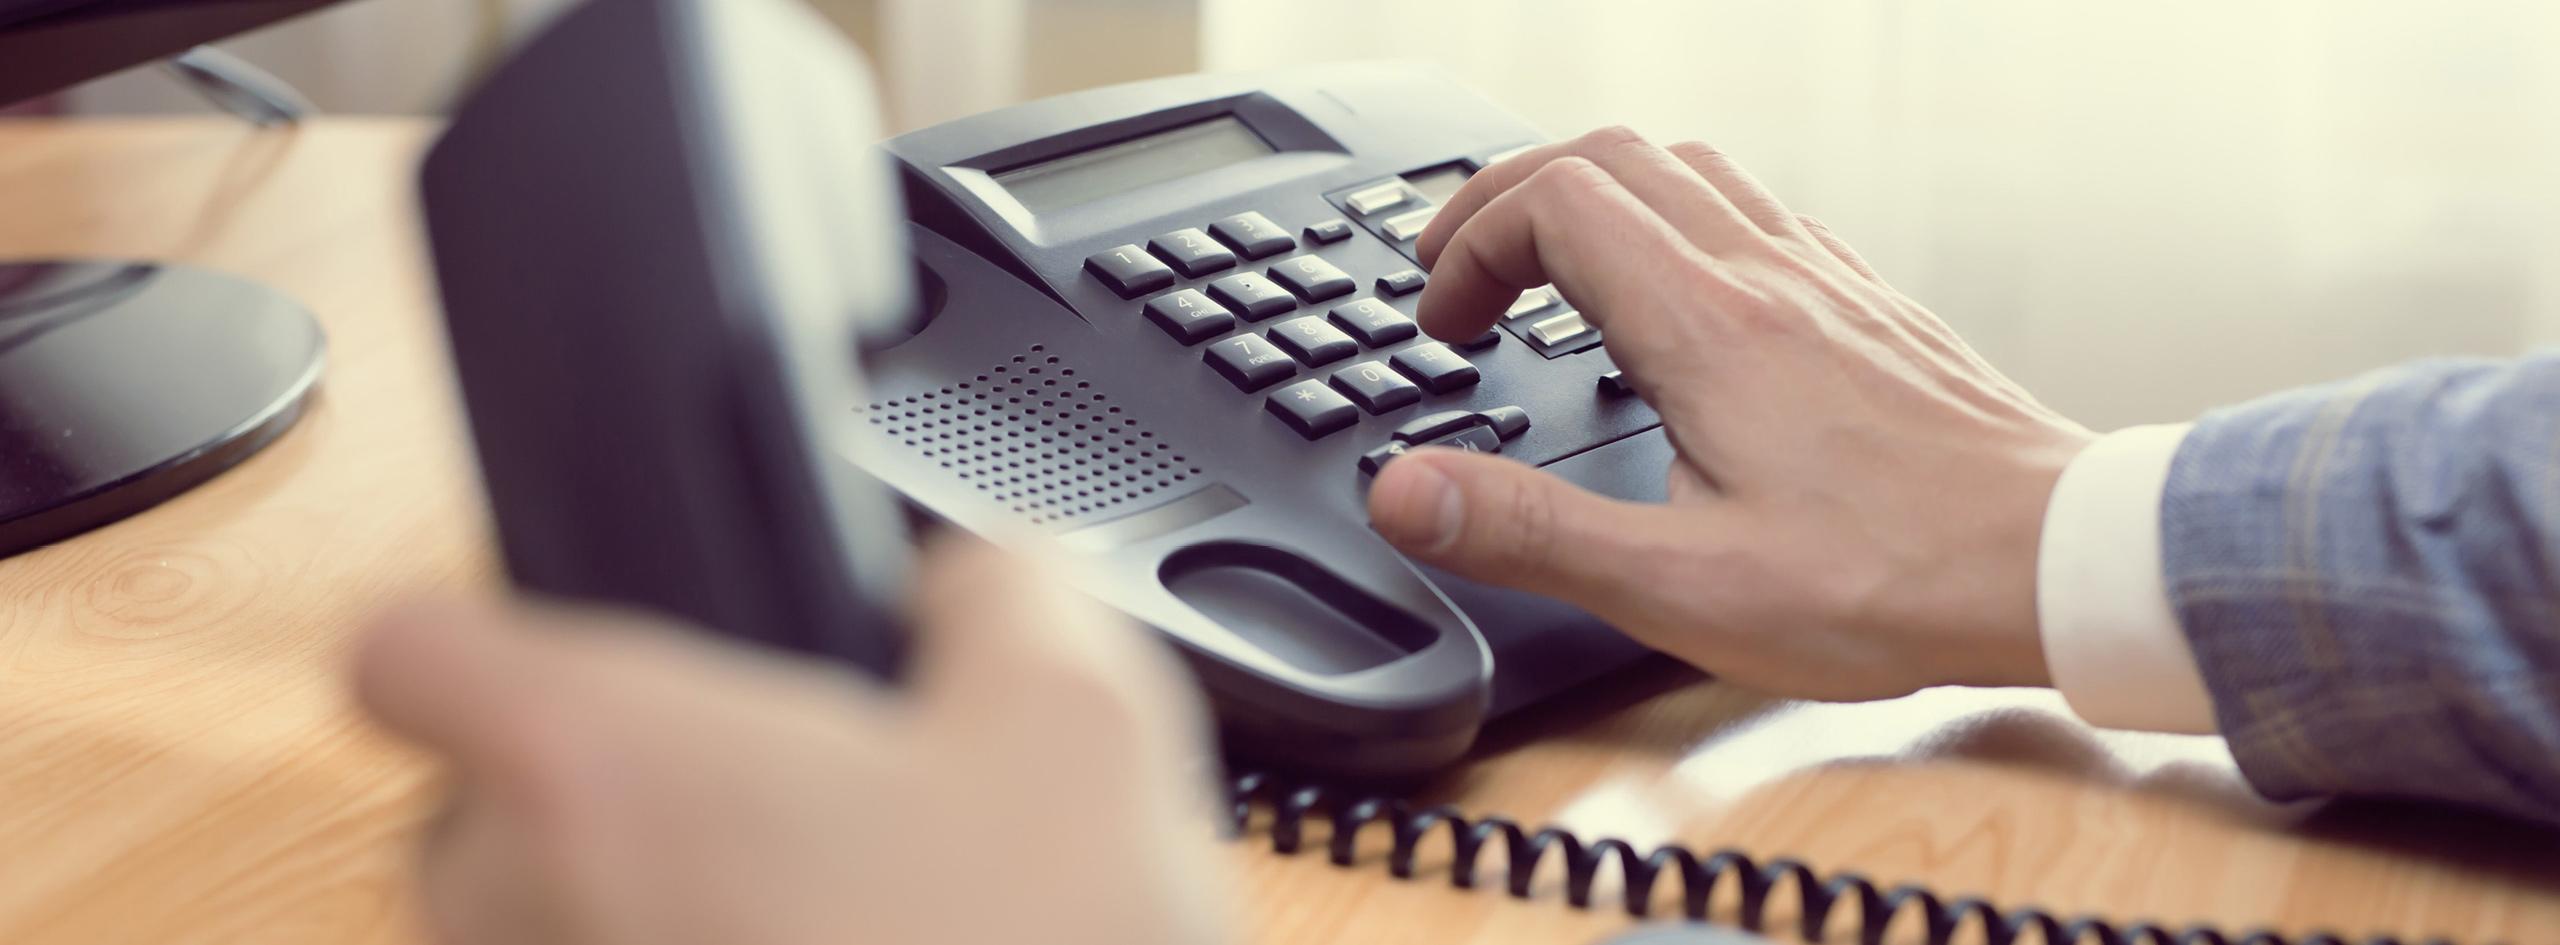 Besser telefonieren